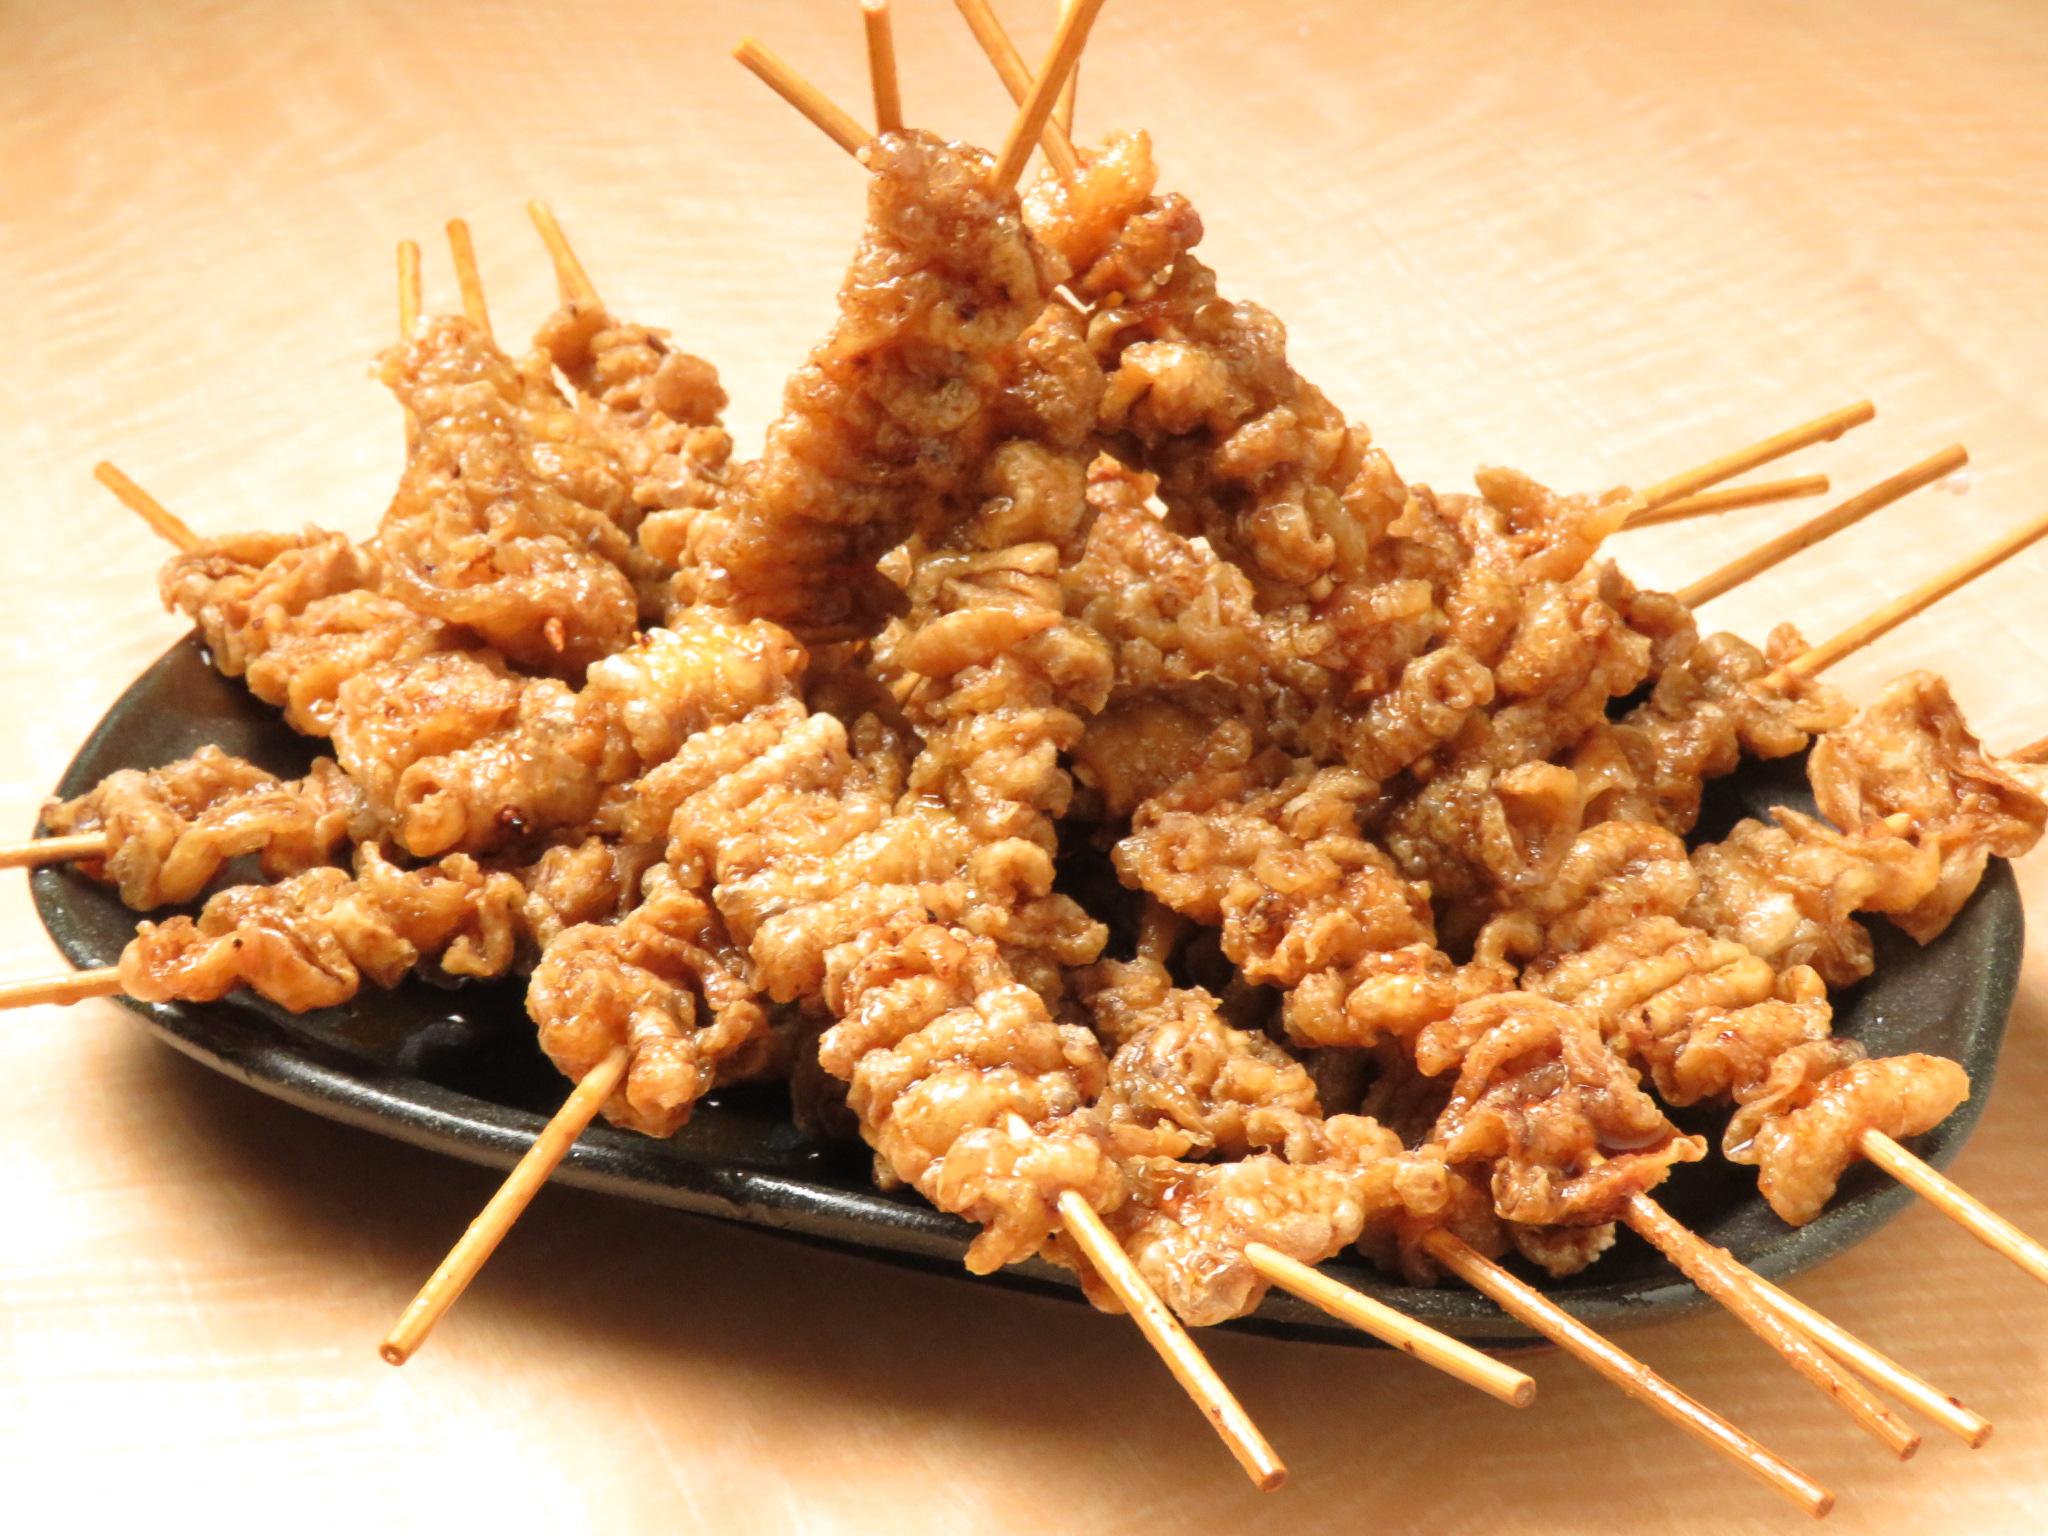 【とりいちず酒場 市川北口店】の病みつき鶏料理